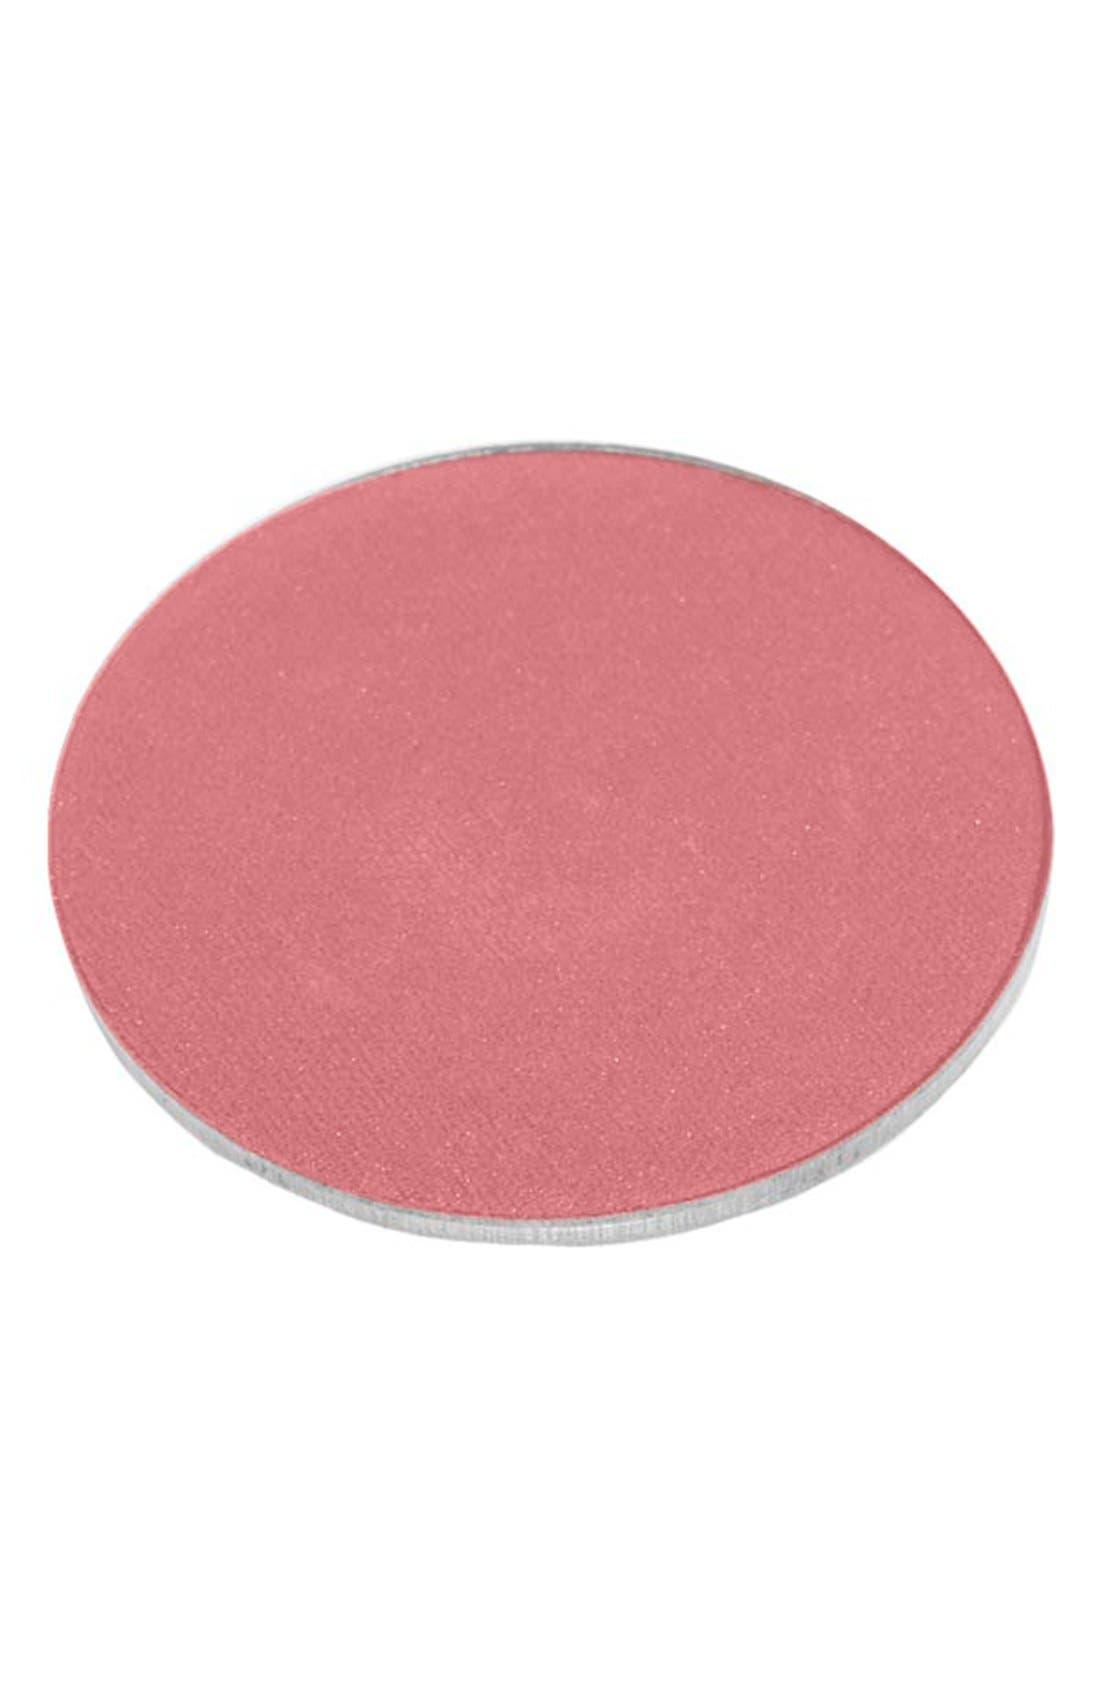 Cheek Shade Refill,                         Main,                         color, 652